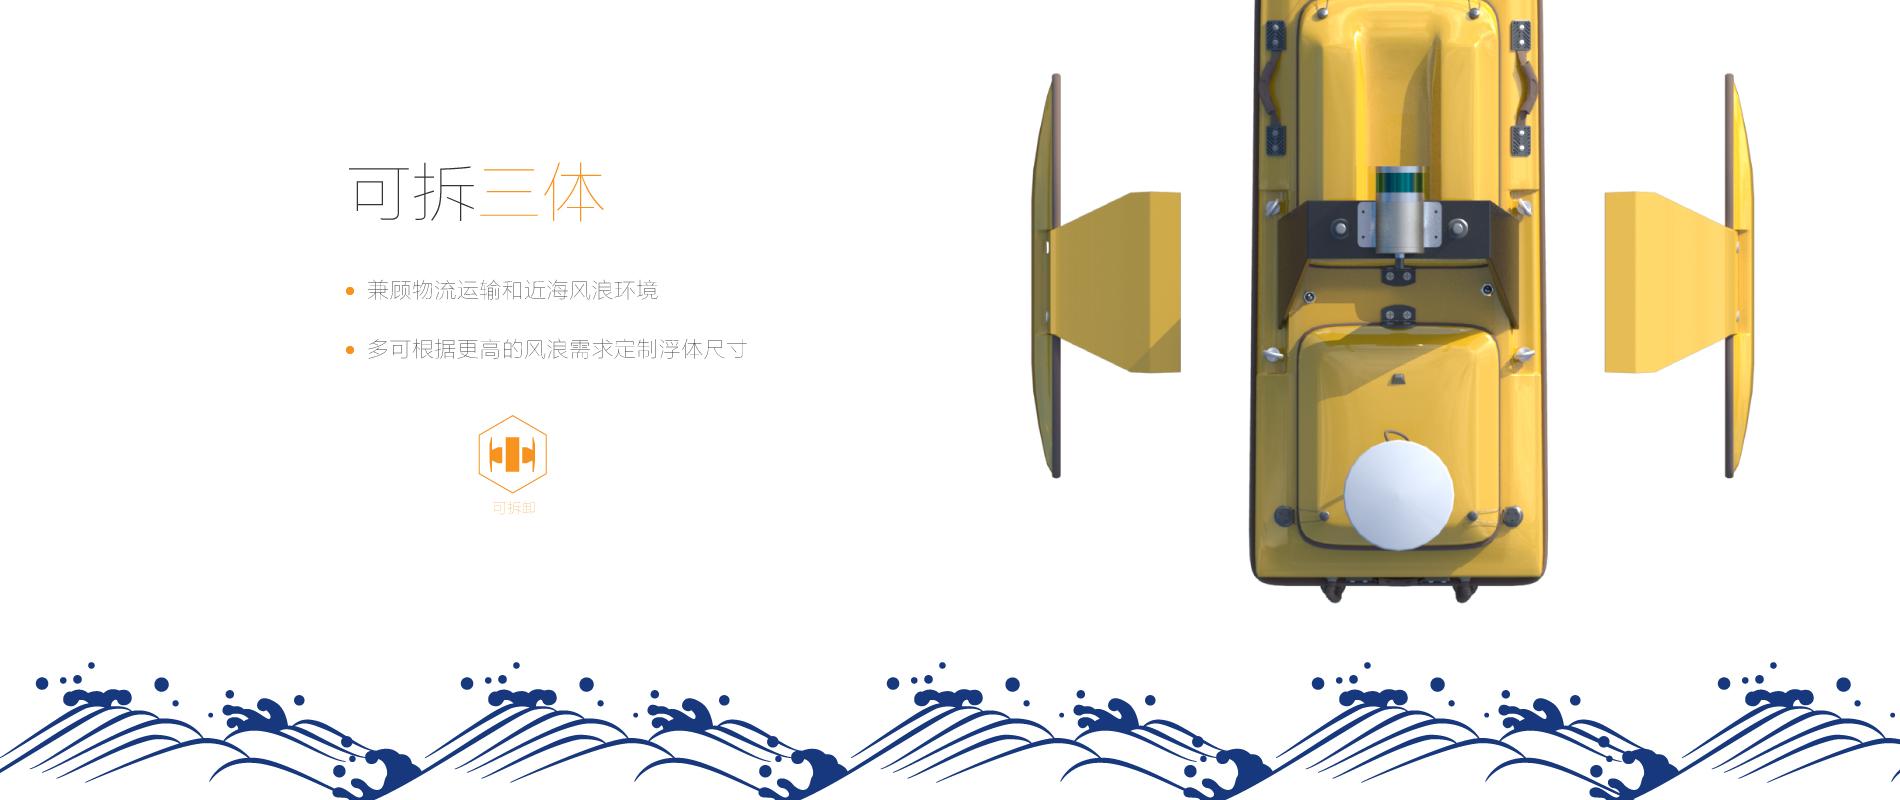 華微6号,無人測量船,水上機器人報價,無人測量船性能,華微5号參數,海洋測繪,水上測量産品,無人船,